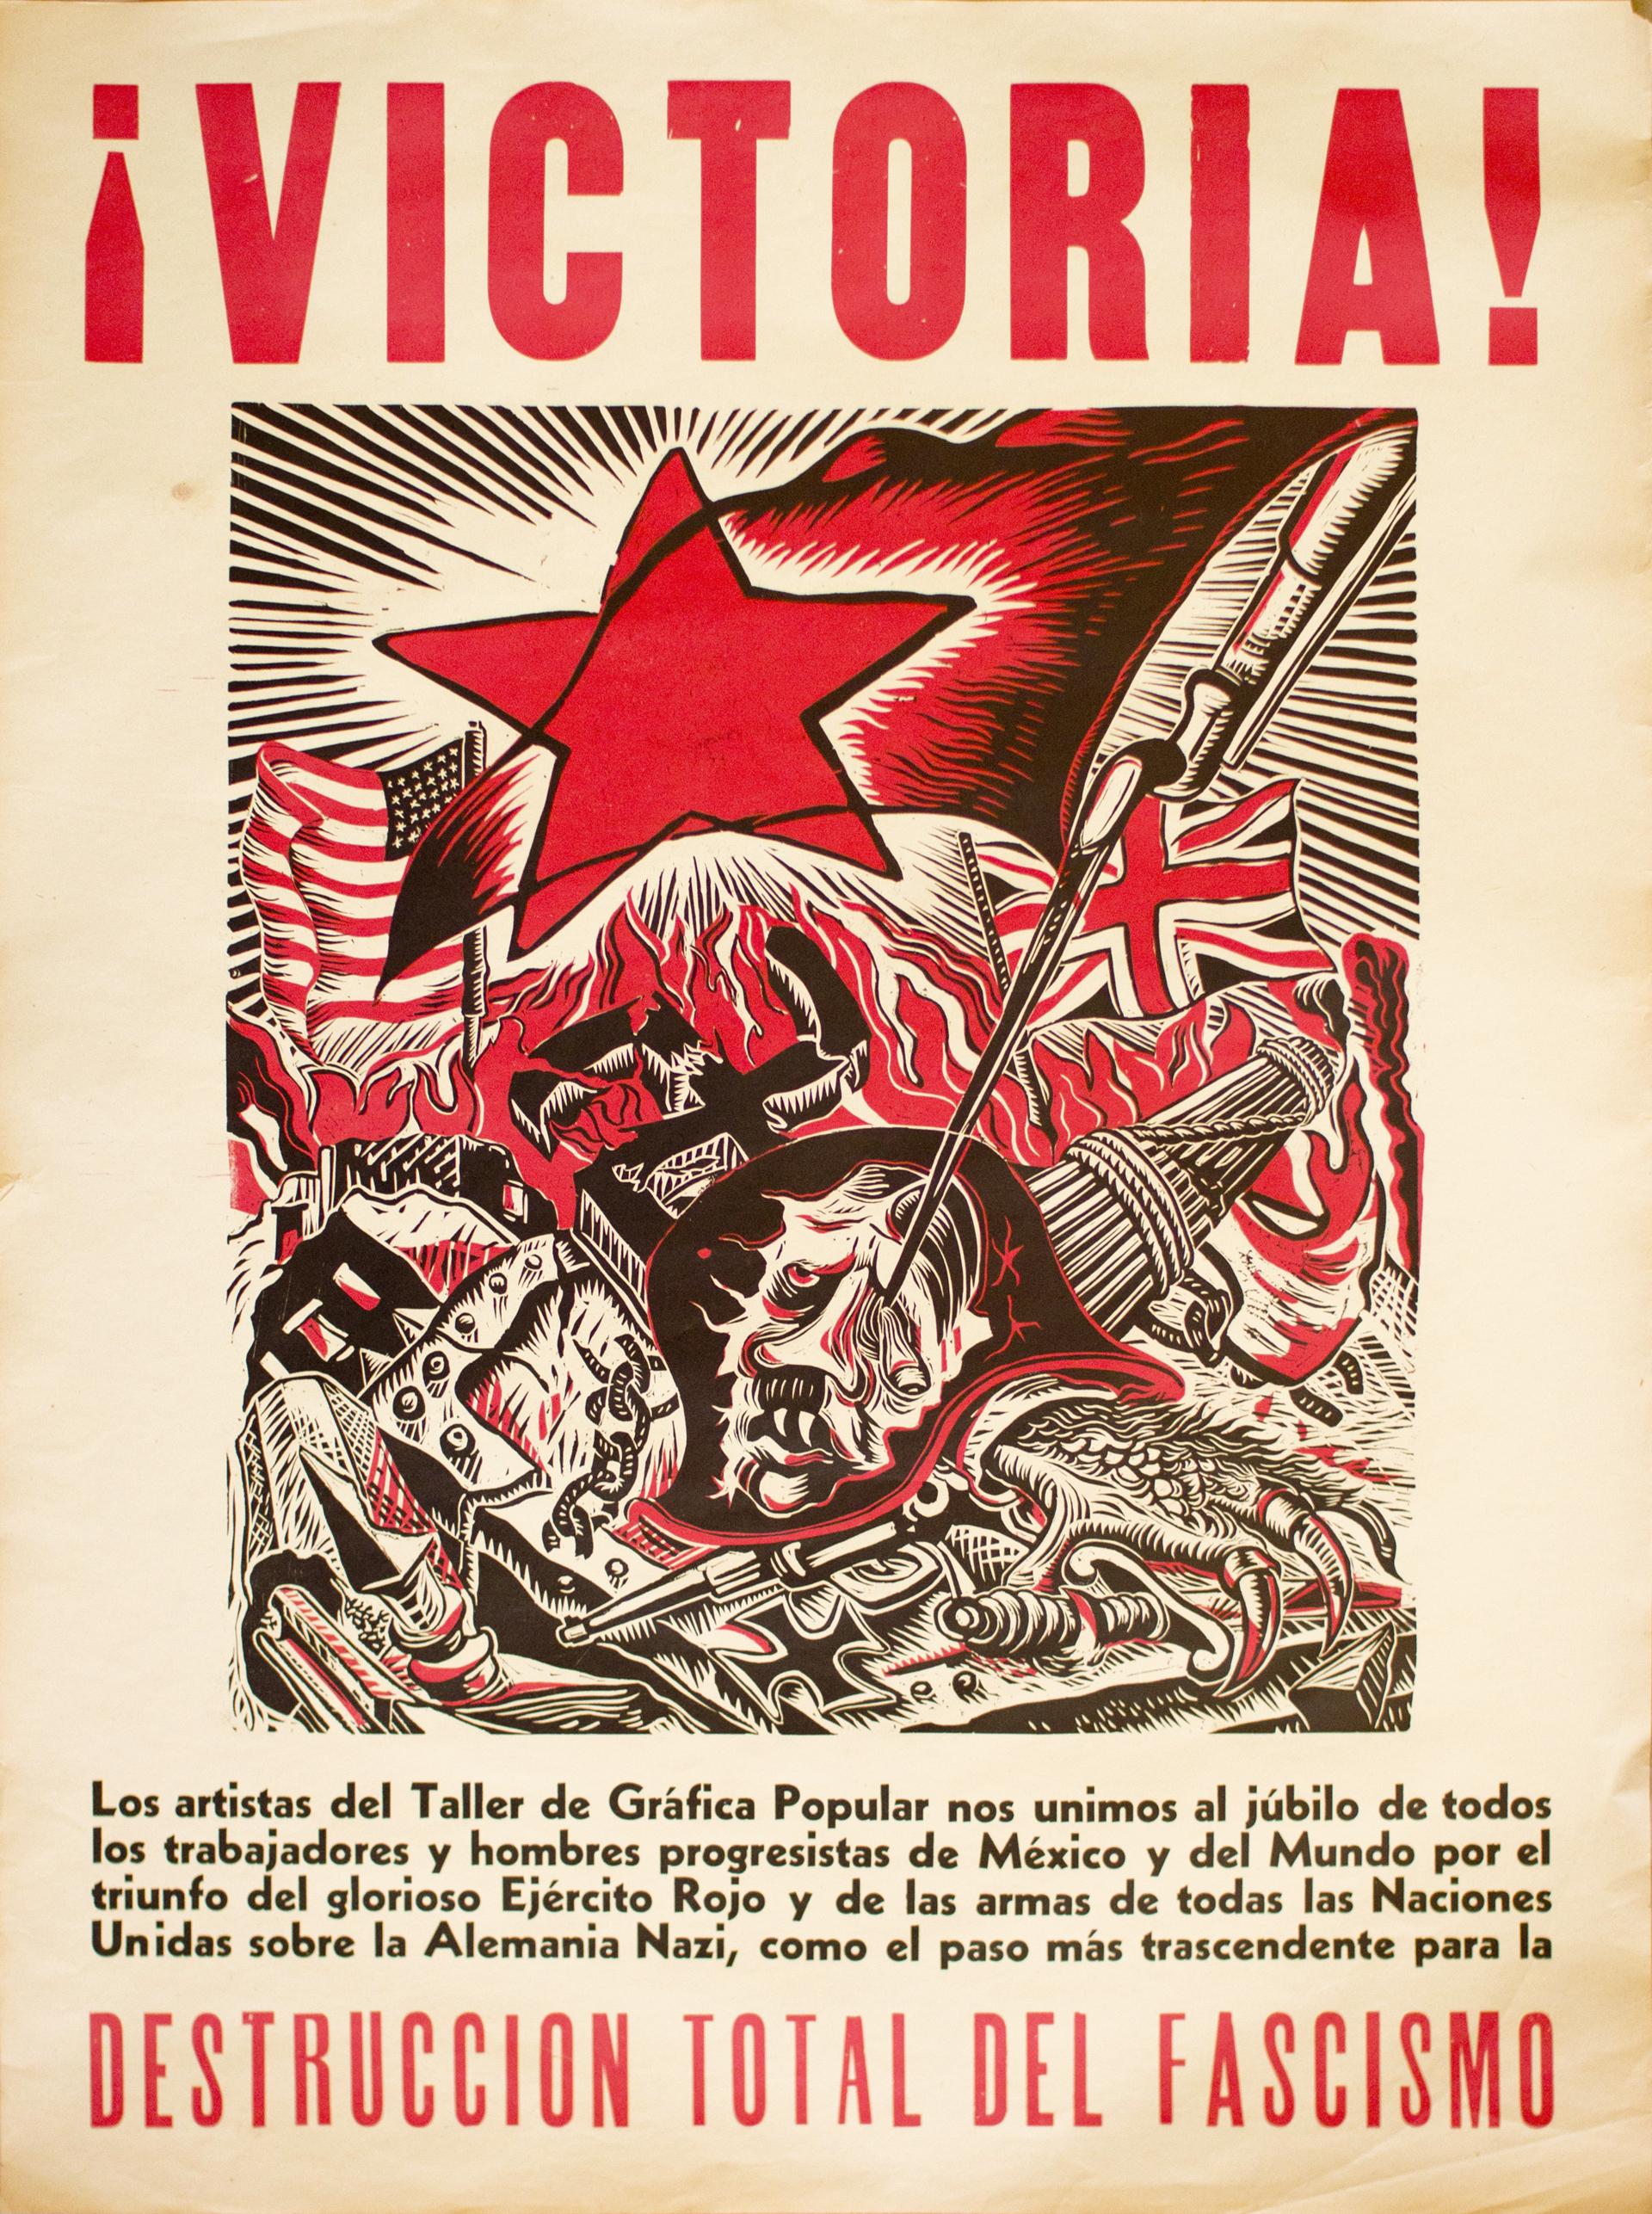 ¡Victoria! ...Destrucción Total del Fascismo by Ángel Bracho (1911 - 2005)